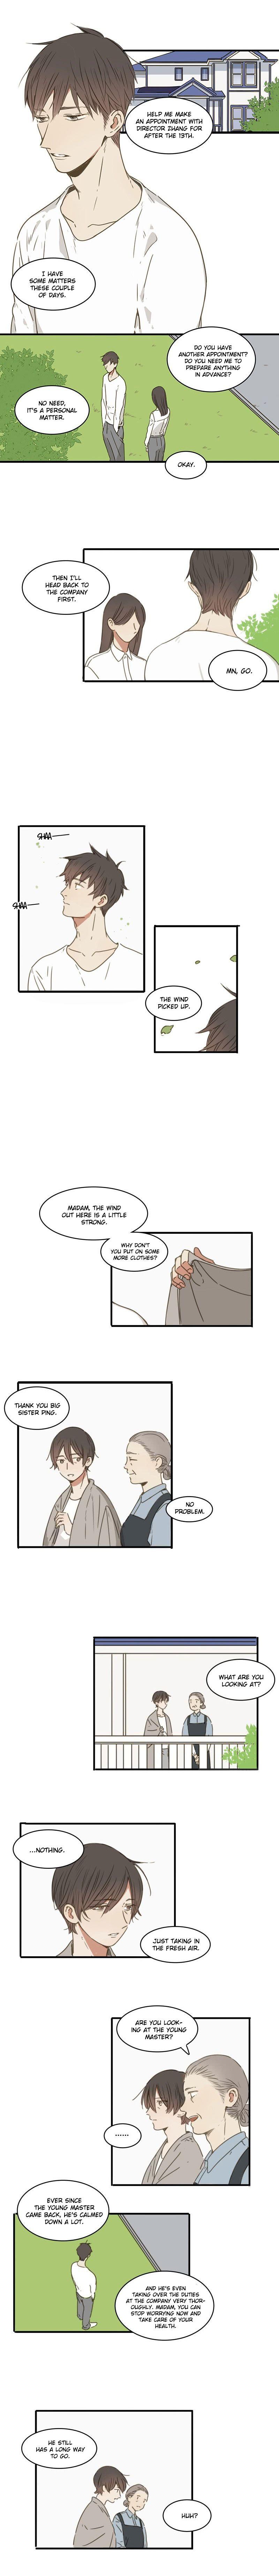 https://im.nineanime.com/comics/pic9/57/20473/498008/ebcf2b4cb846c36ab308003a1a8a0f9d.jpg Page 1